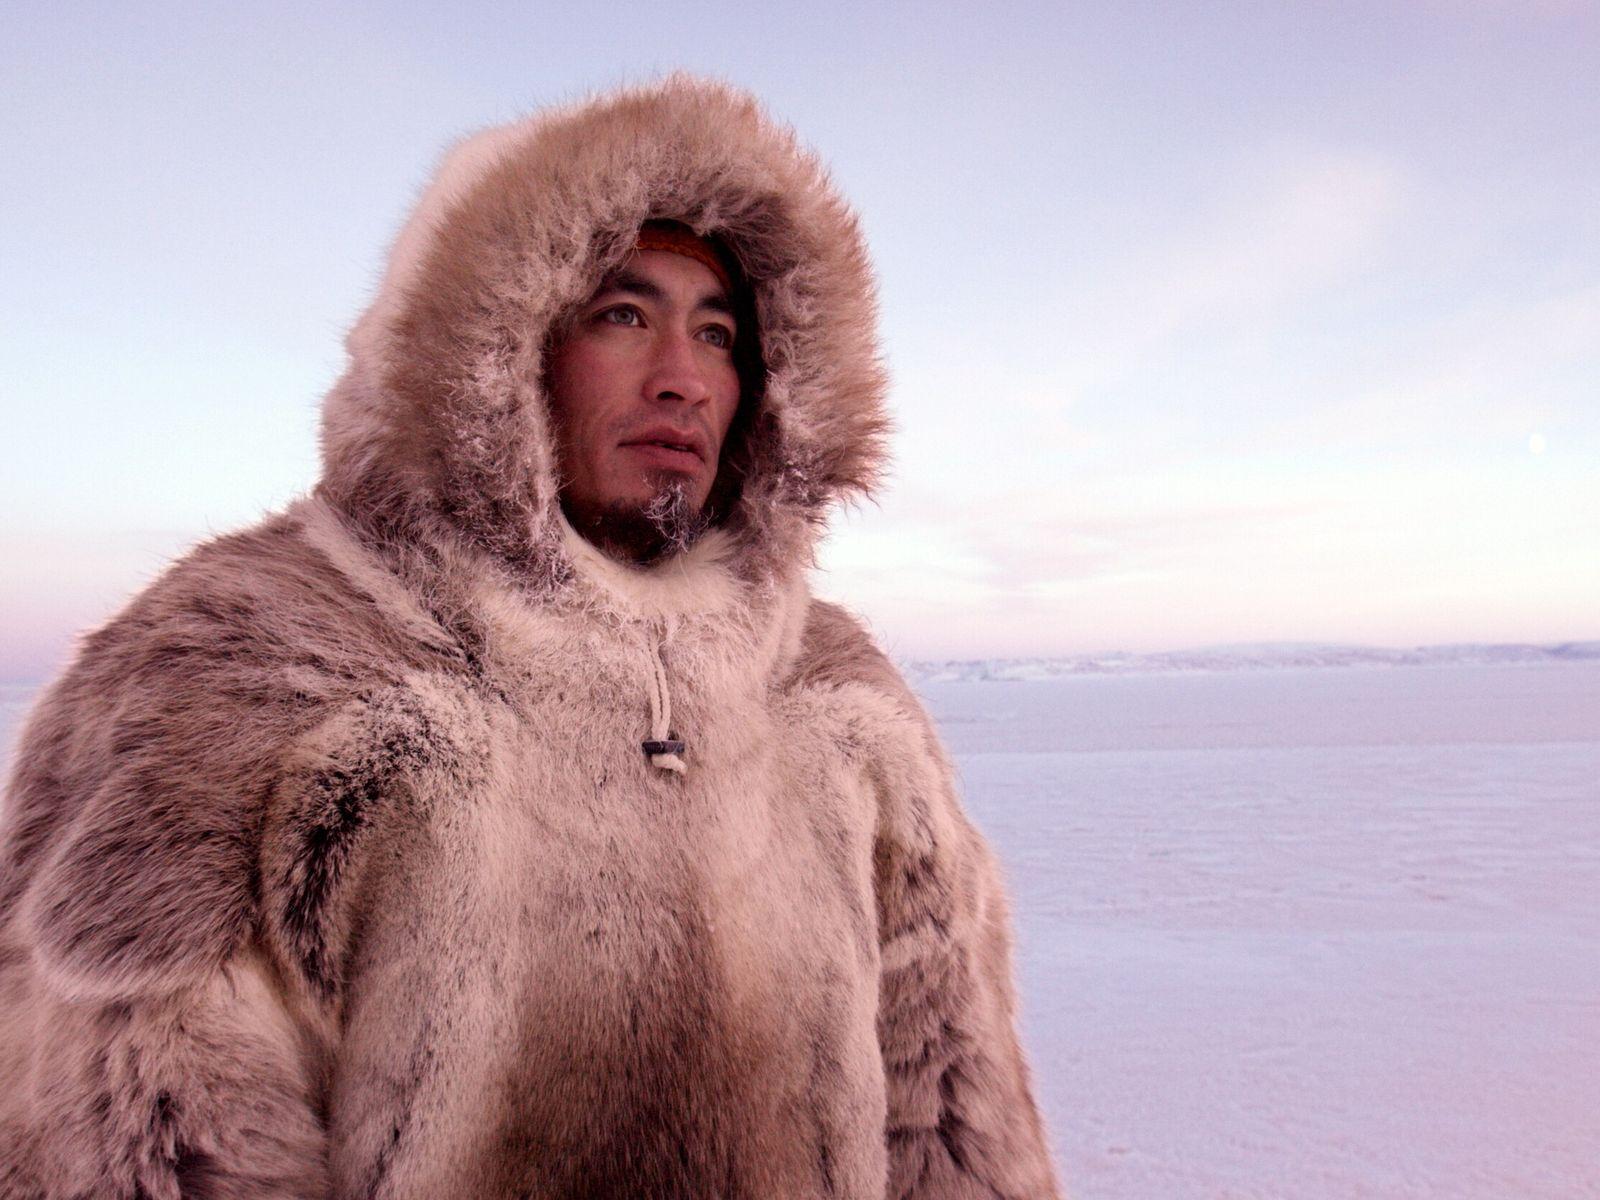 El cazador inuit Aleqatsiaq Peary mira hacia el hielo marino cerca de Qaanaaq, Groenlandia.